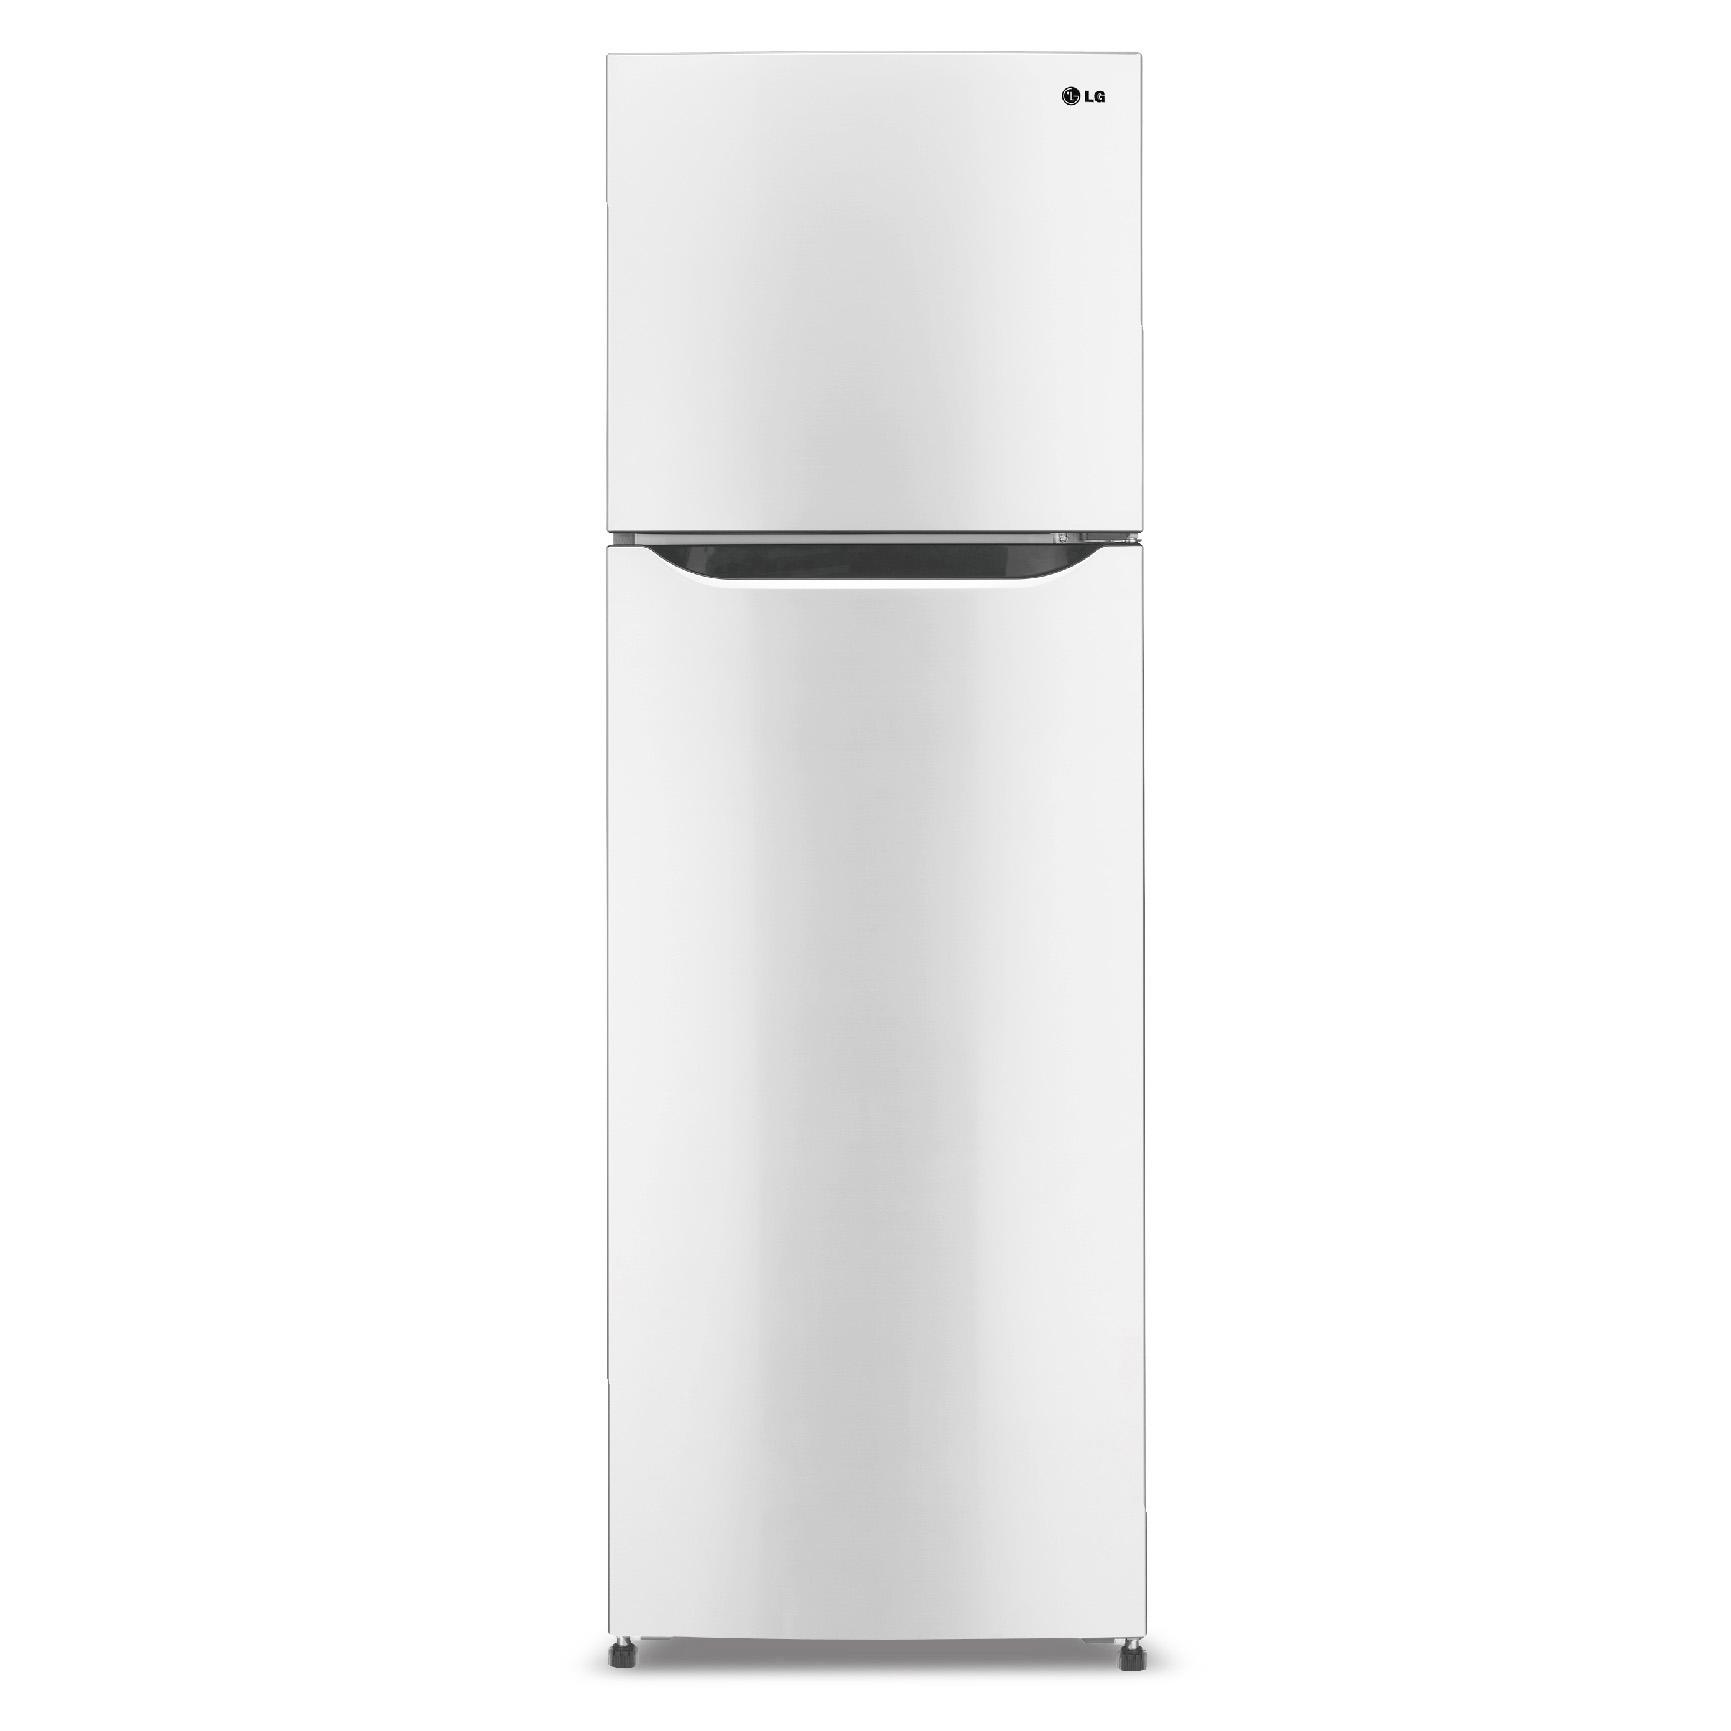 LG 315公升 變頻雙門冰箱 GN-L392W